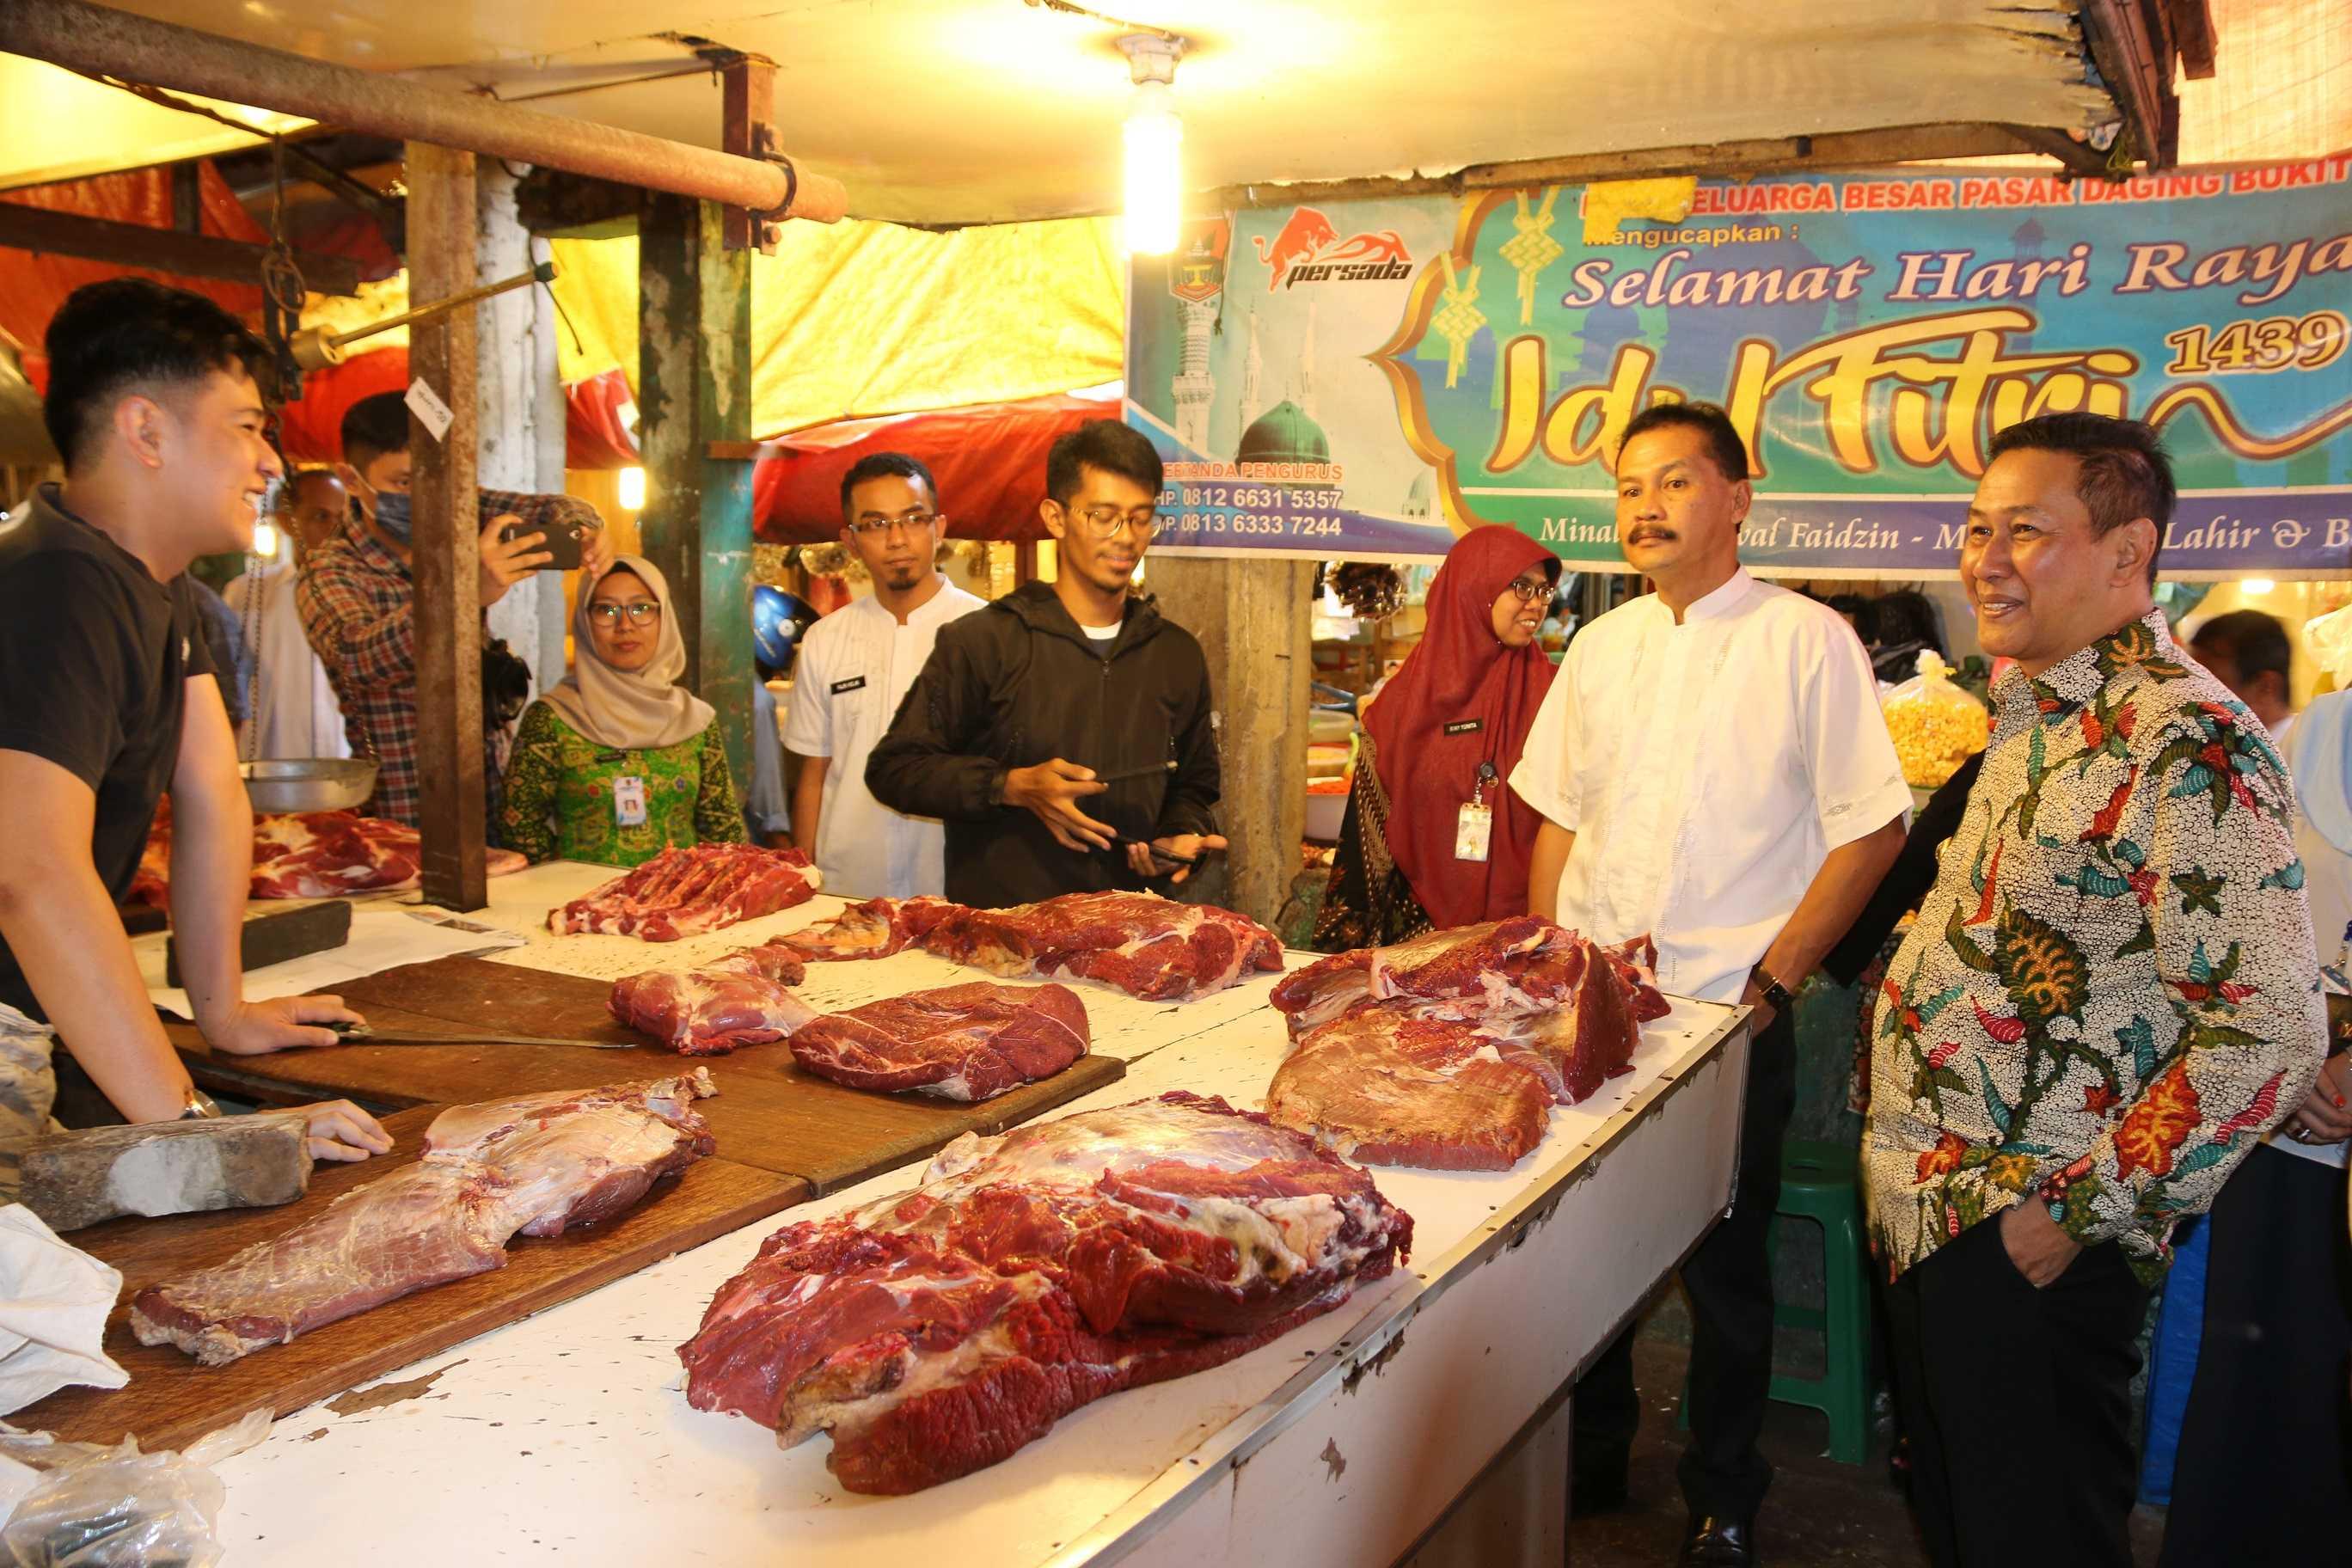 Walikota Ramlan Nurmatias, sejumlah Kepala OPD, perwakilan Bulog, BPS, kepolisian saat sidak sejumlah harga bahan pokok diseputaran Pasar Bawah, Kota Bukittinggi, Rabu 15 Mei 2019. Foto : Istimewa